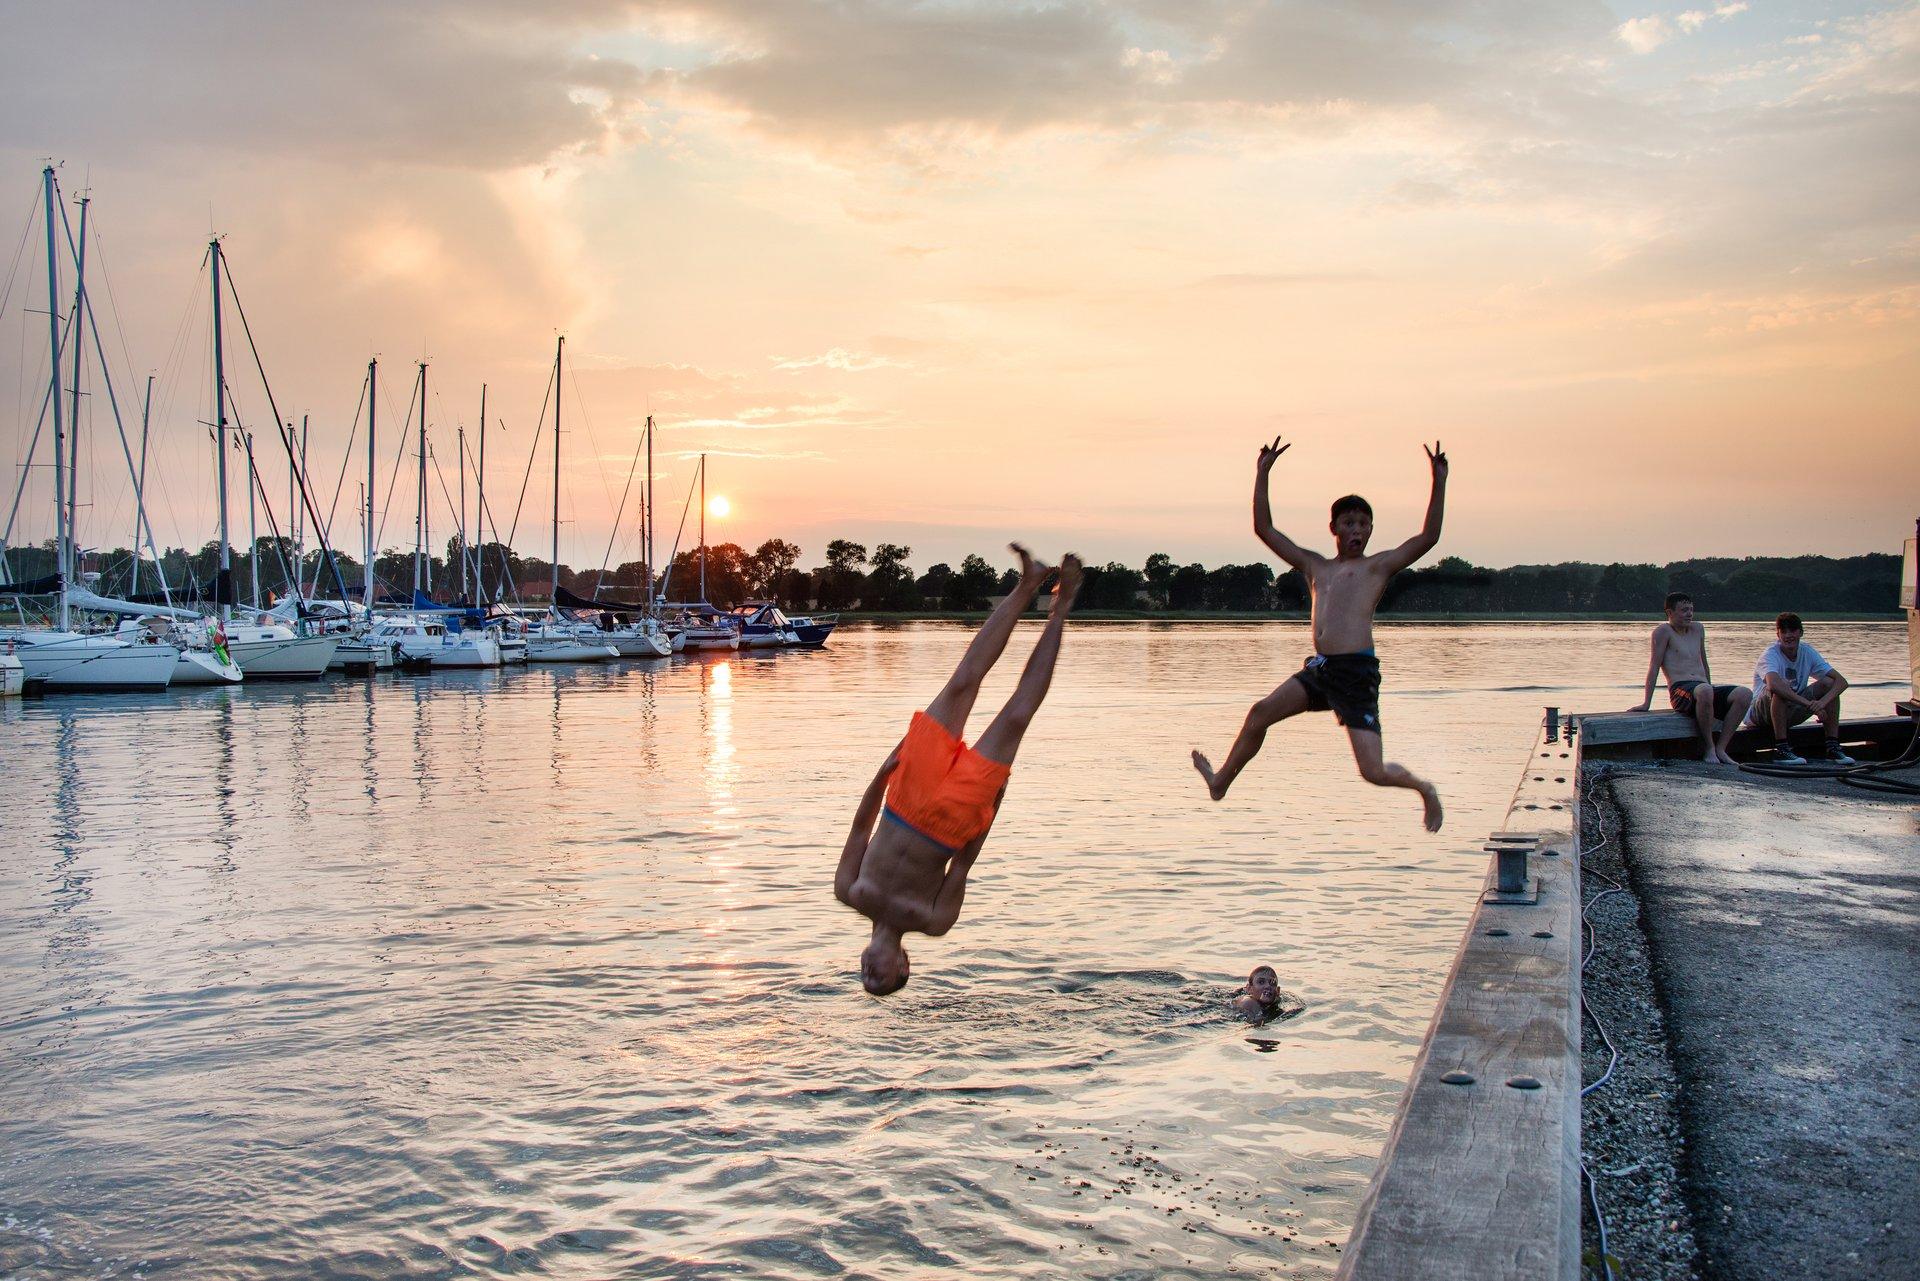 Dansk turisme, leisure- og business, er i store problemer. Et genstartsteam er nu kommet med en lang række forslag til løsninger. Se linket i artiklen. Arkivpressefoto fra VisitDenmark: Thomas Rousing.